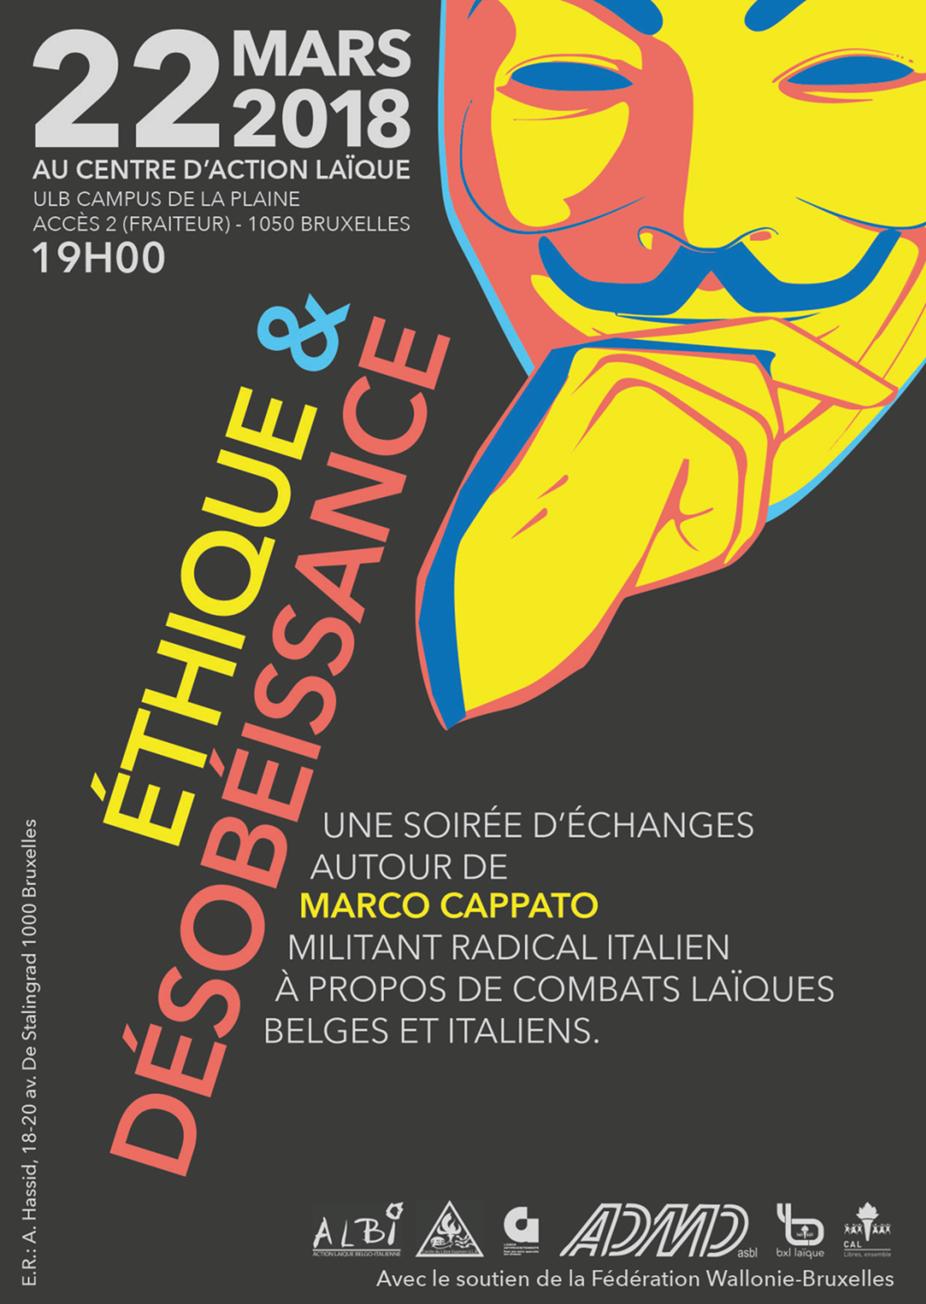 Éthique et désobéissance | Soirée avec Marco Cappato | Le 22 mars à 19h